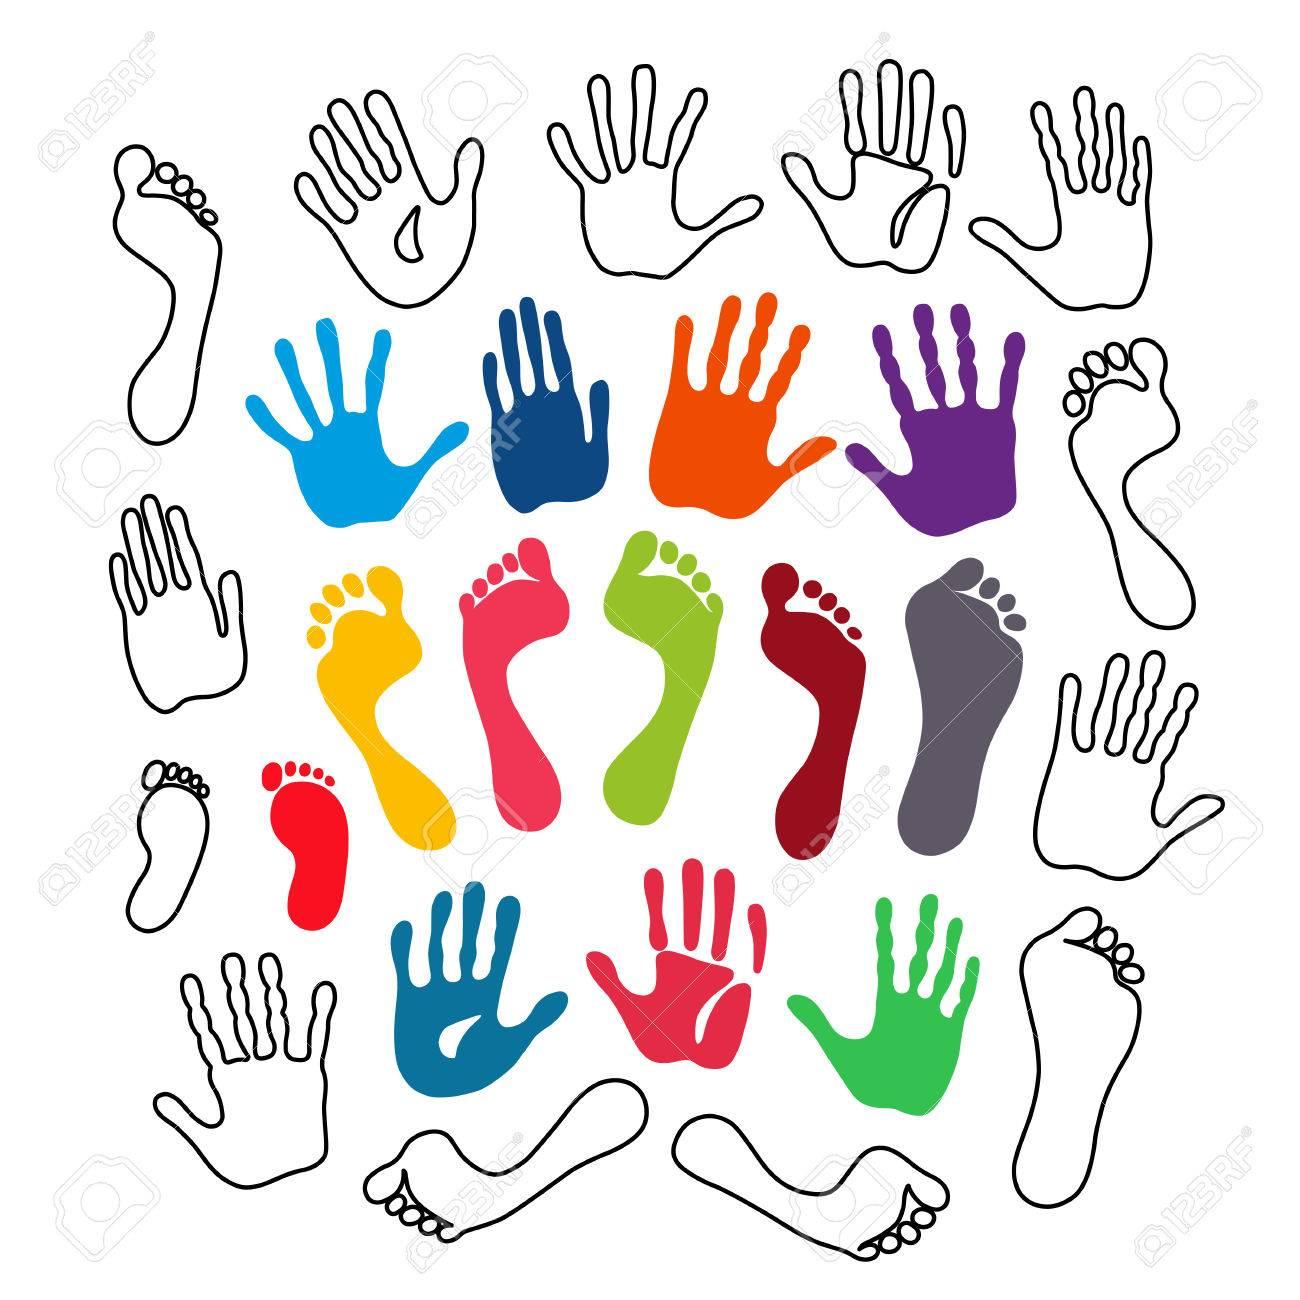 Vektor Illustration Skizziert Und Gefärbt Generation Hand Und